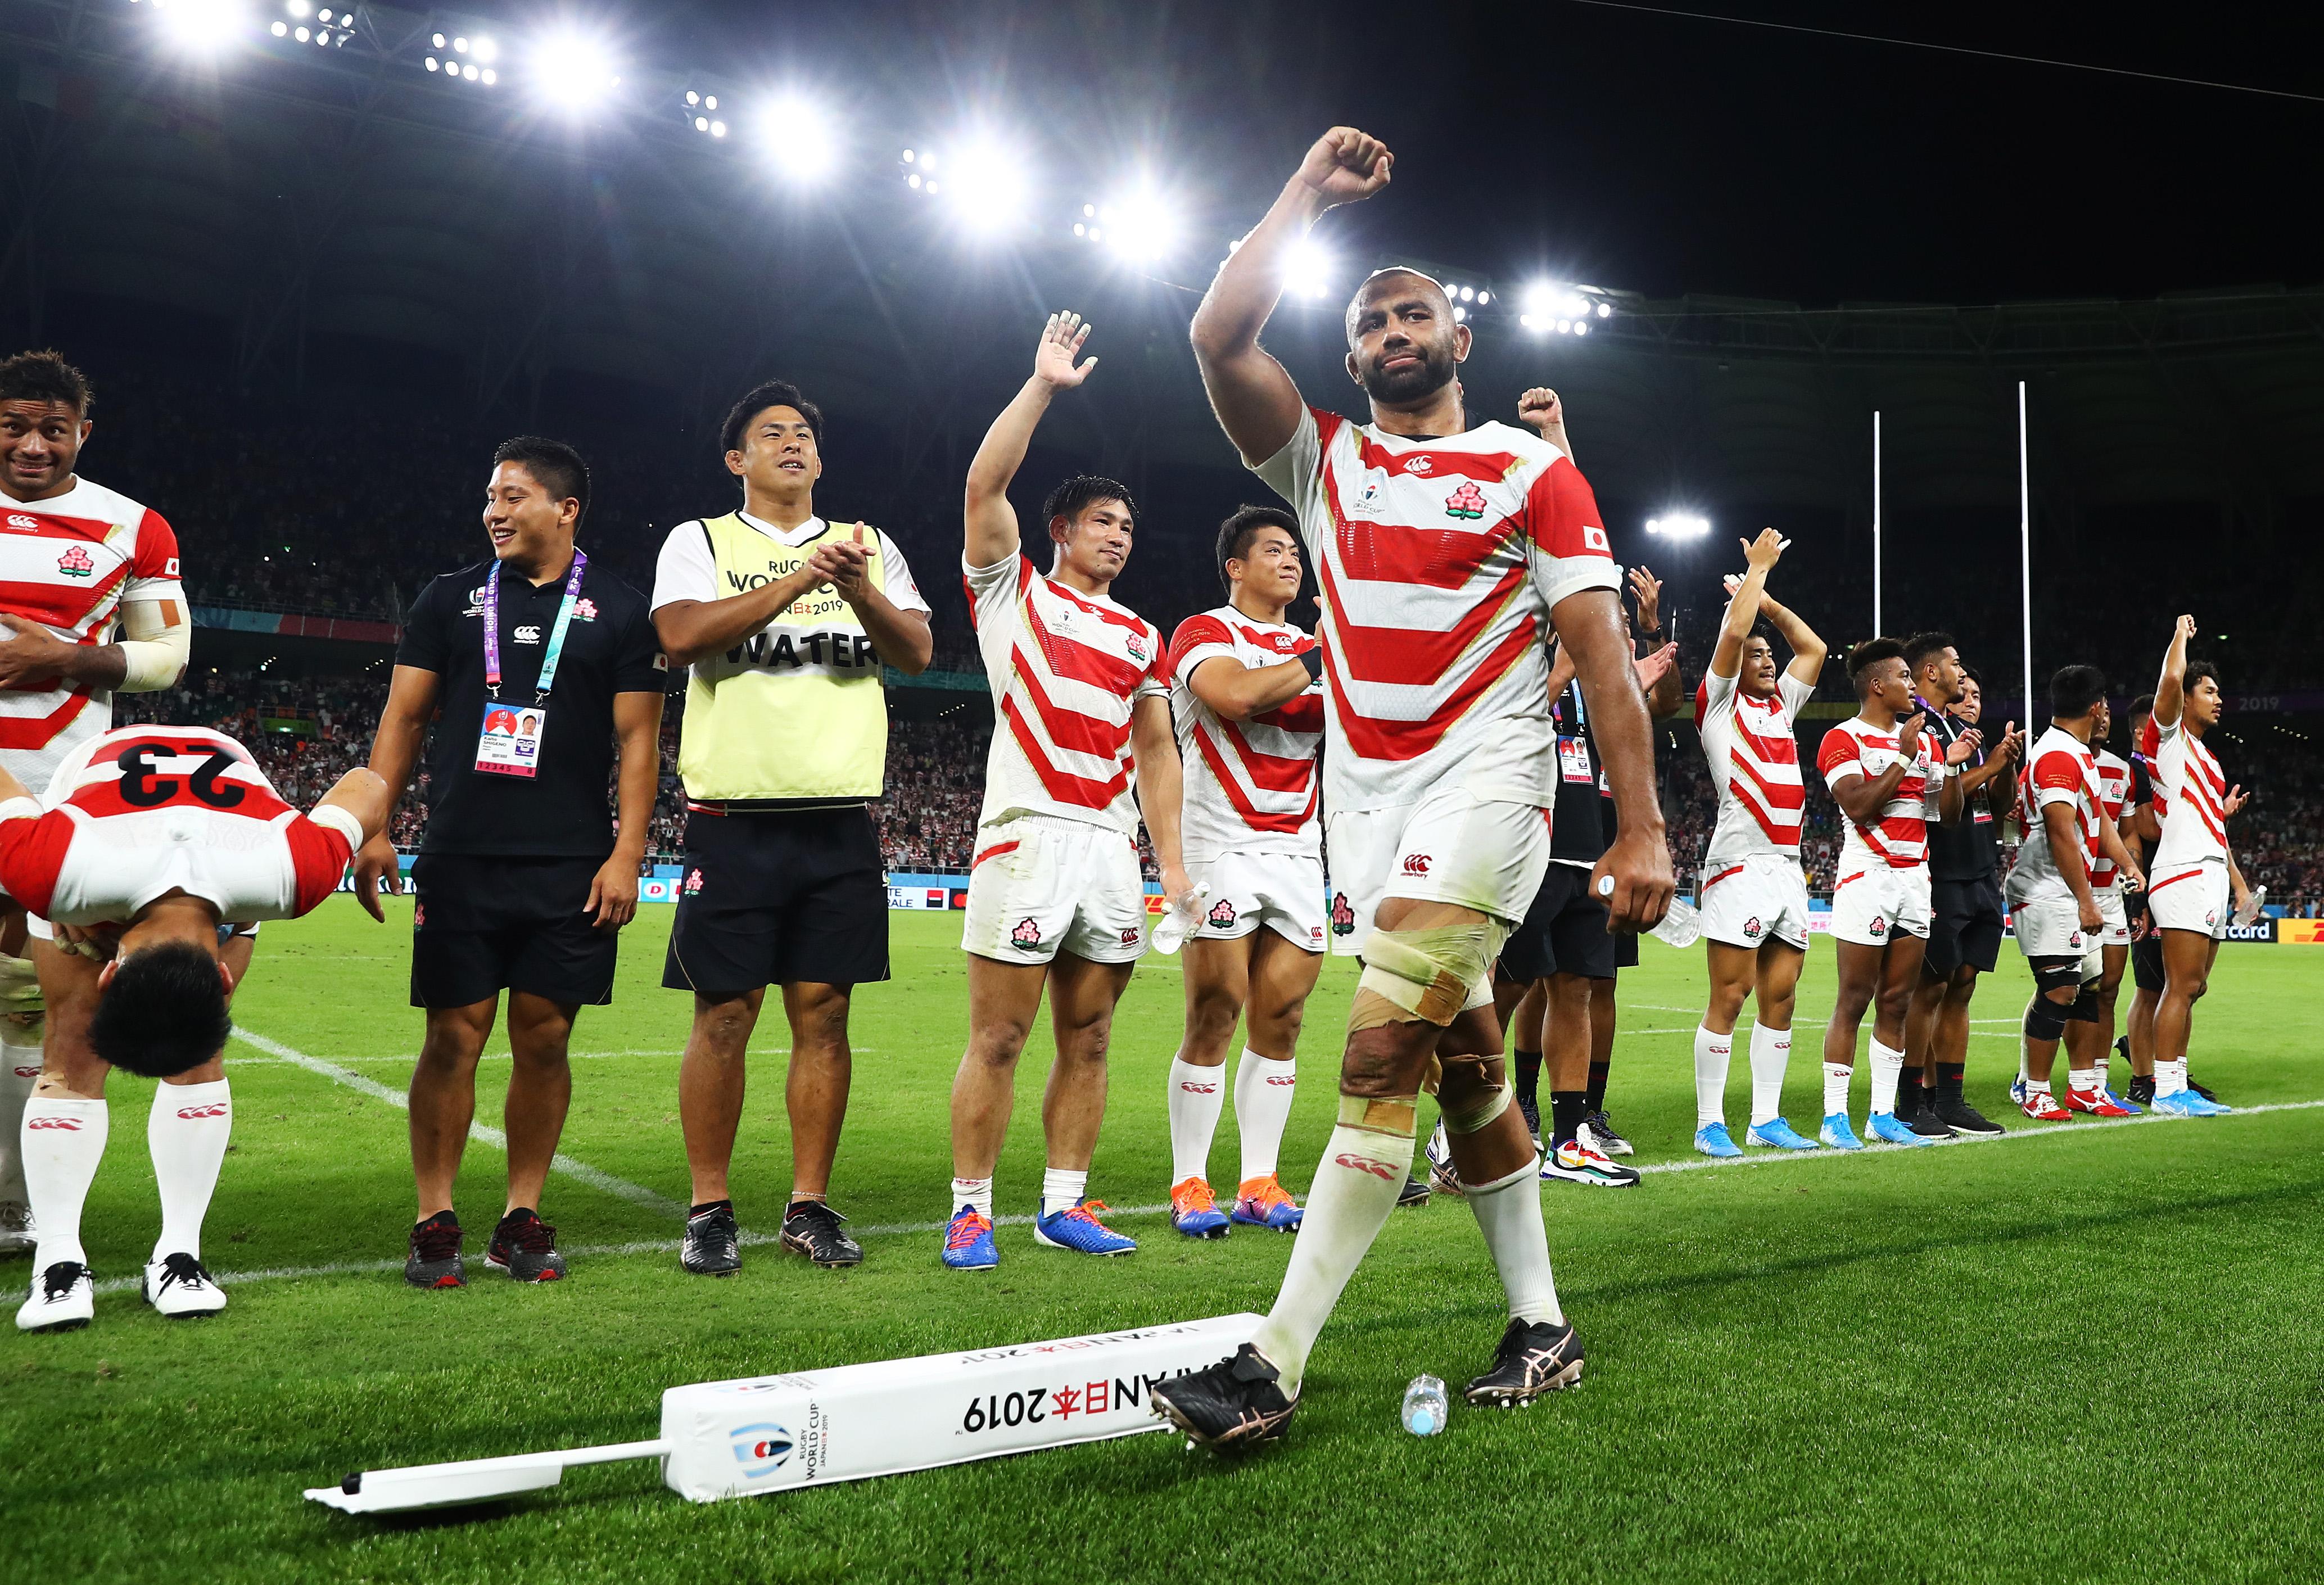 オールブラックスのレジェンドが日本開催のラグビーW杯を評価 注目選手にはリーコ・イオアネを指名 画像